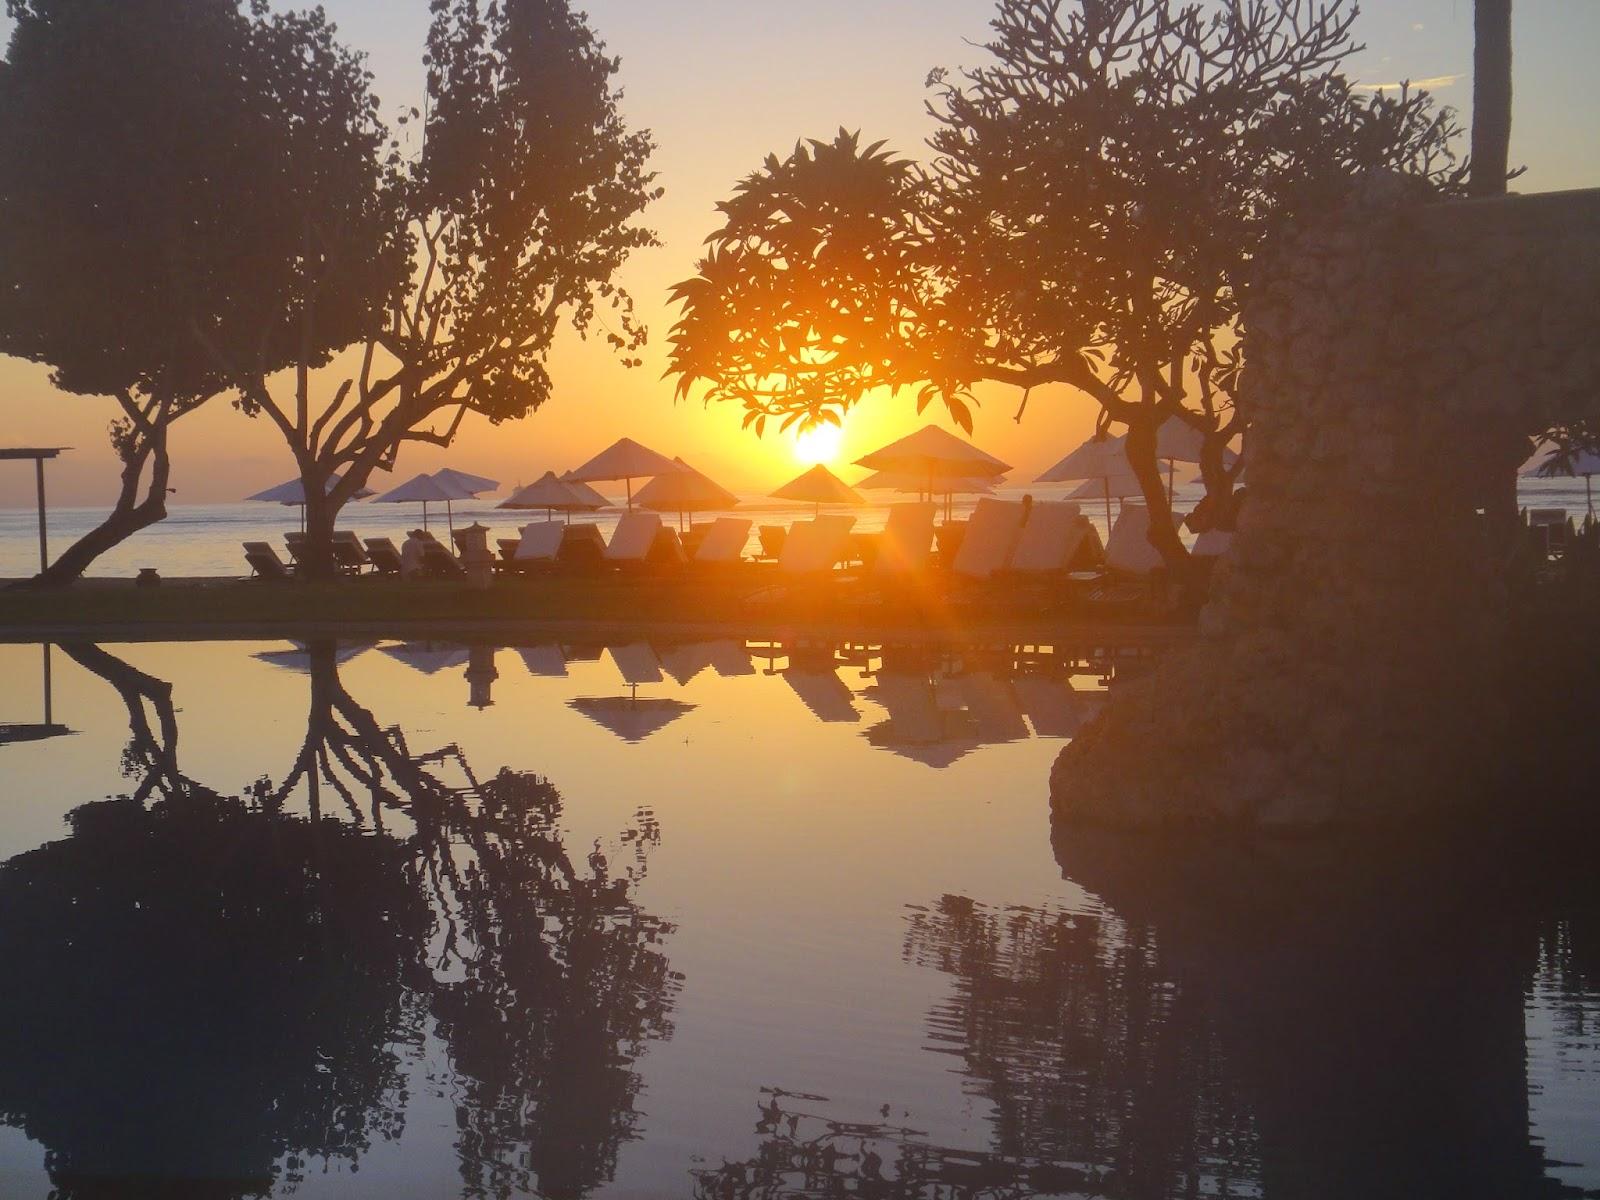 Sunrise at Aston Tanjong Benoa swimming pool Bali Island